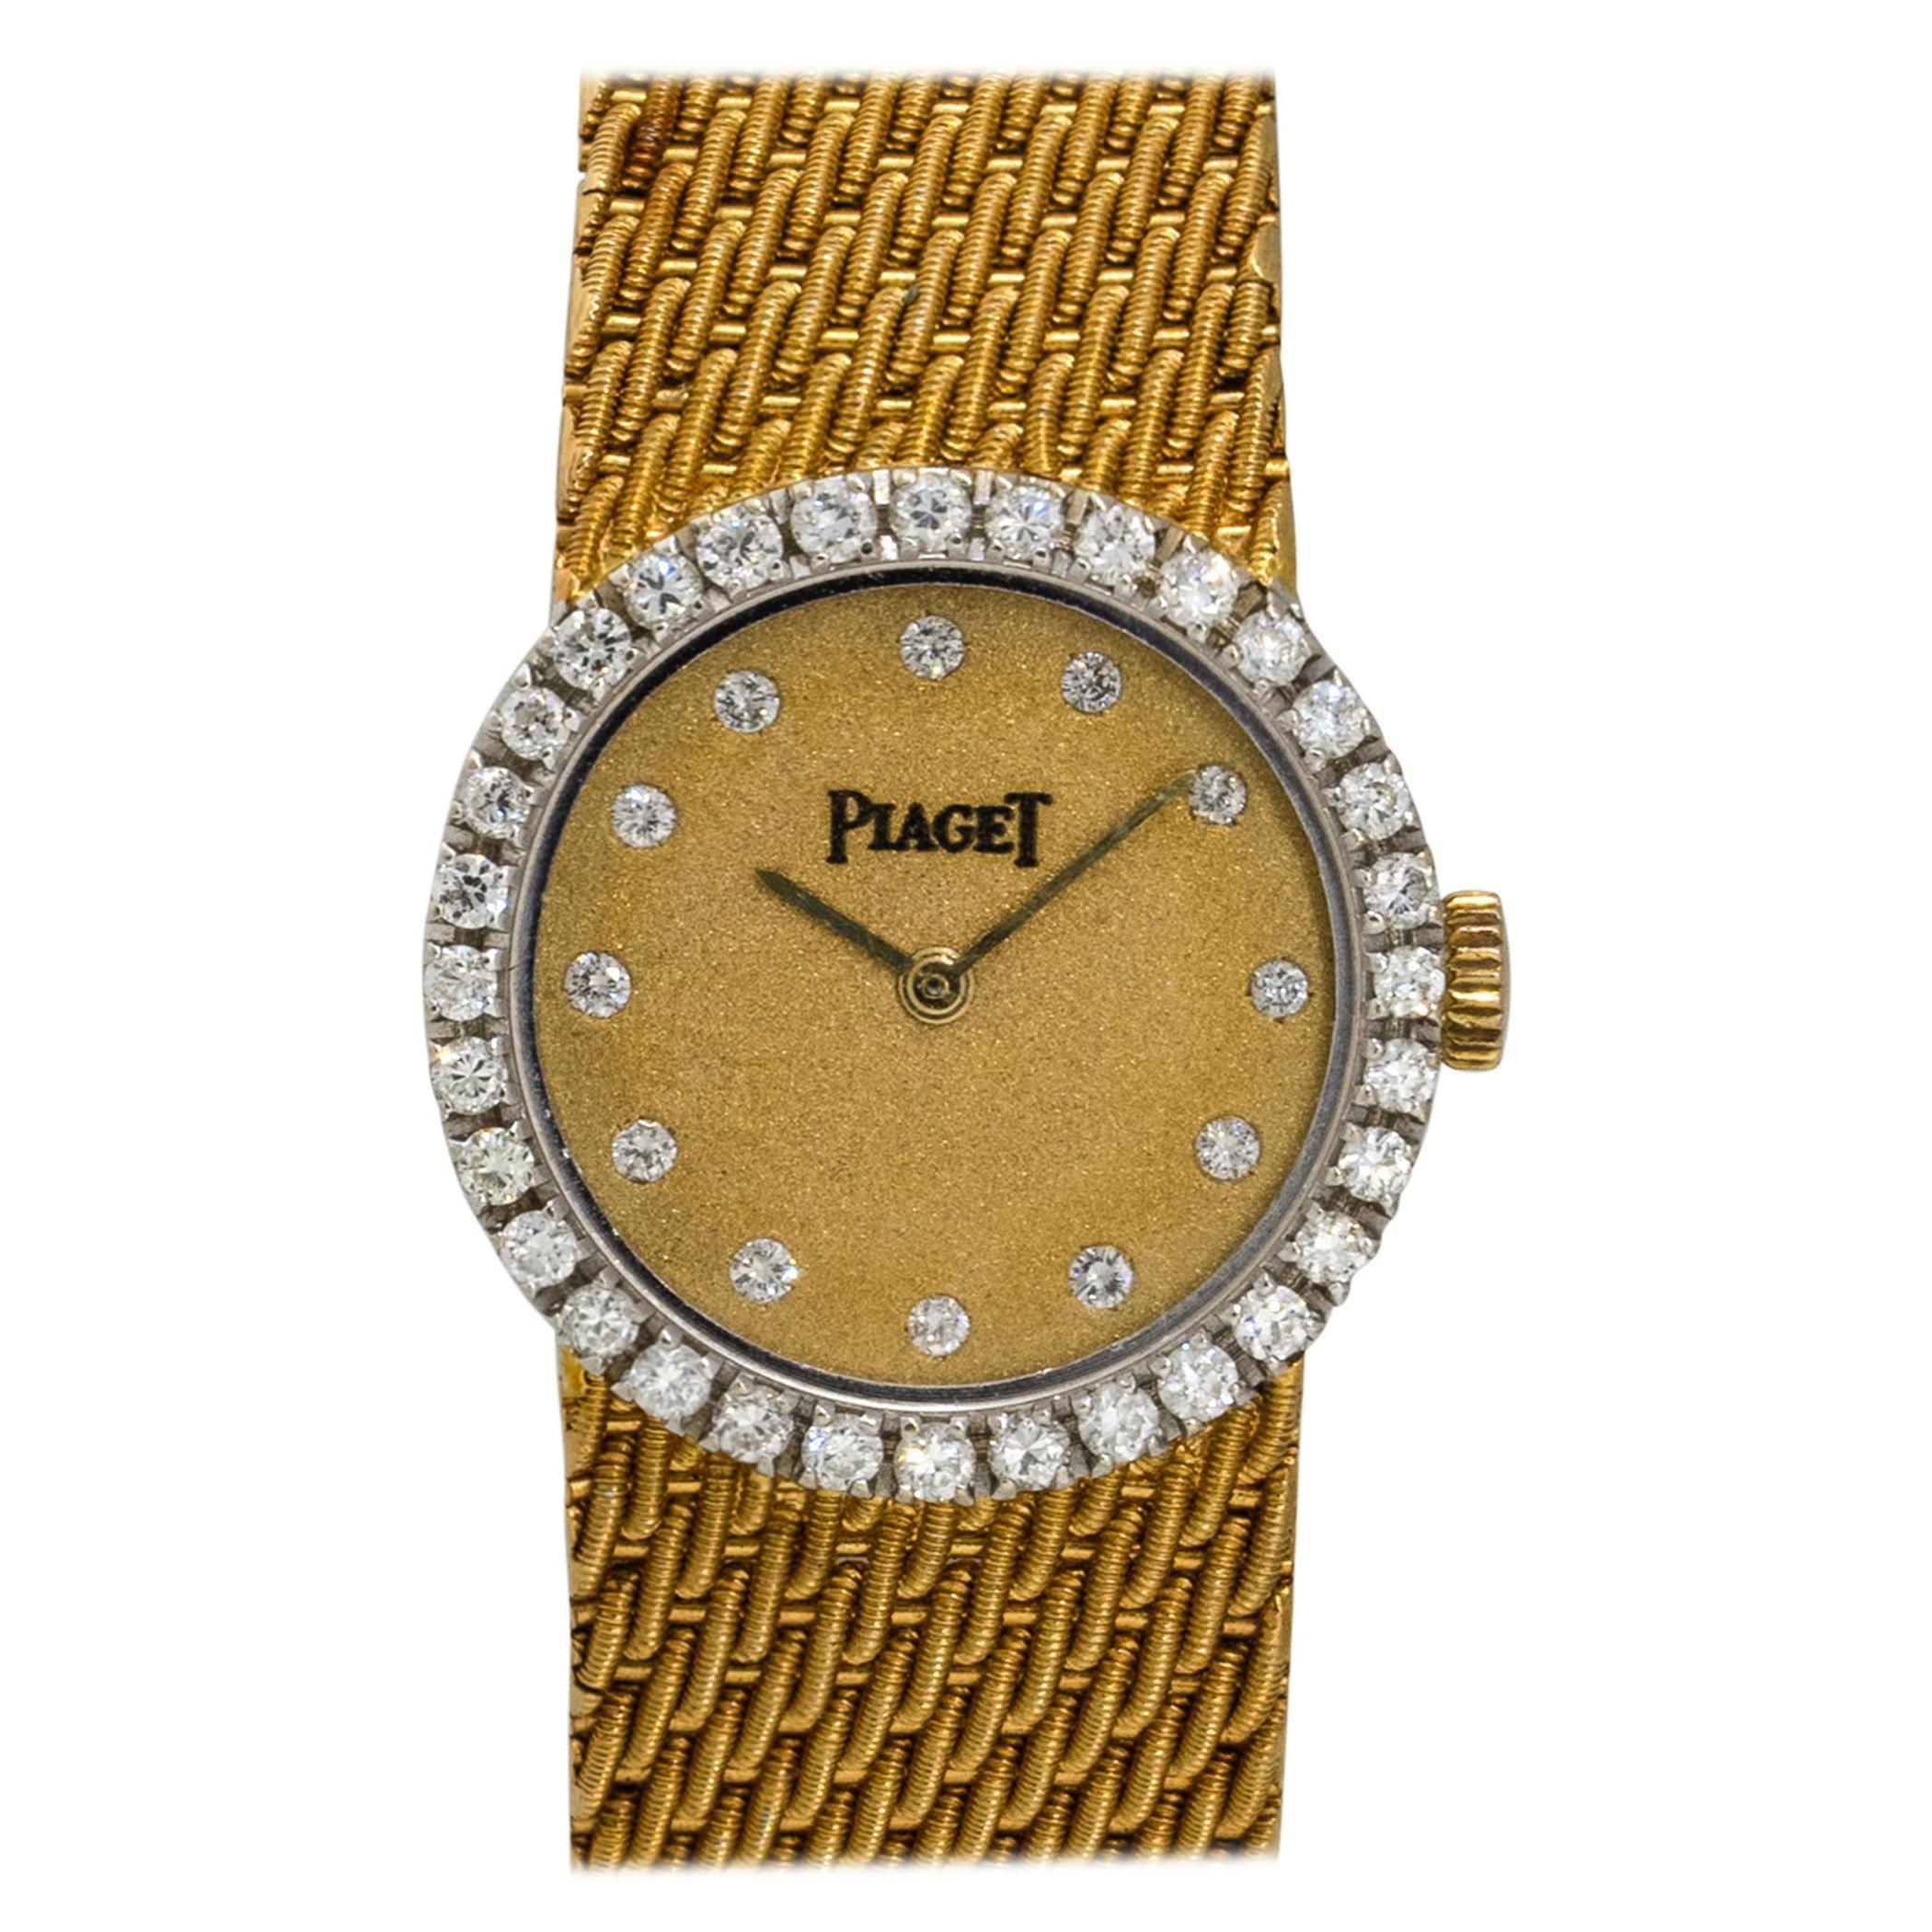 Piaget 6926 18k Yellow Gold Diamond Ladies Vintage Watch